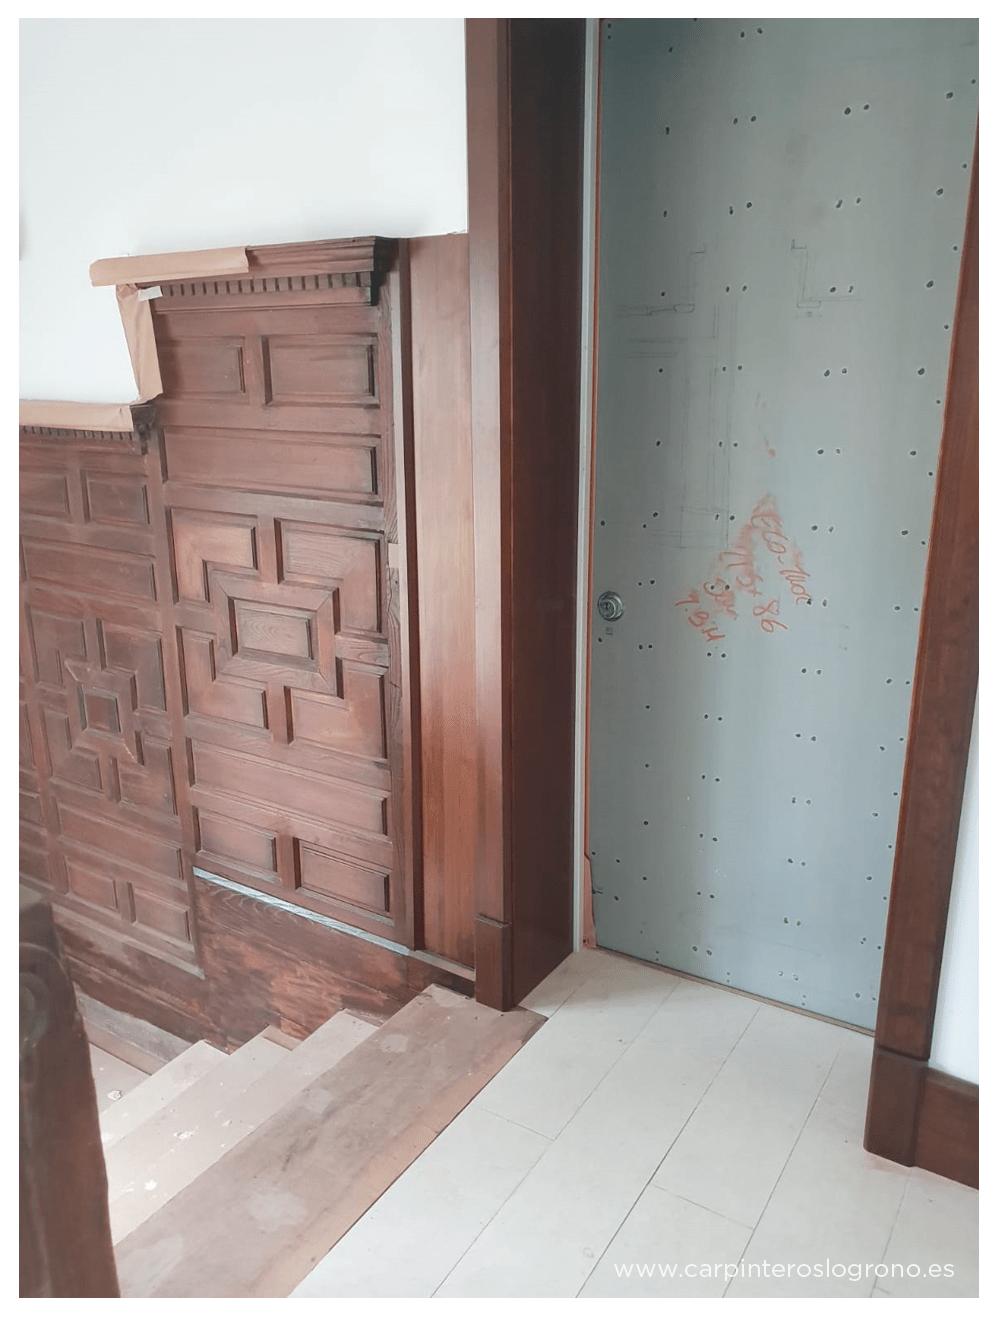 Restauración y trabajos de carpintería en Getxo